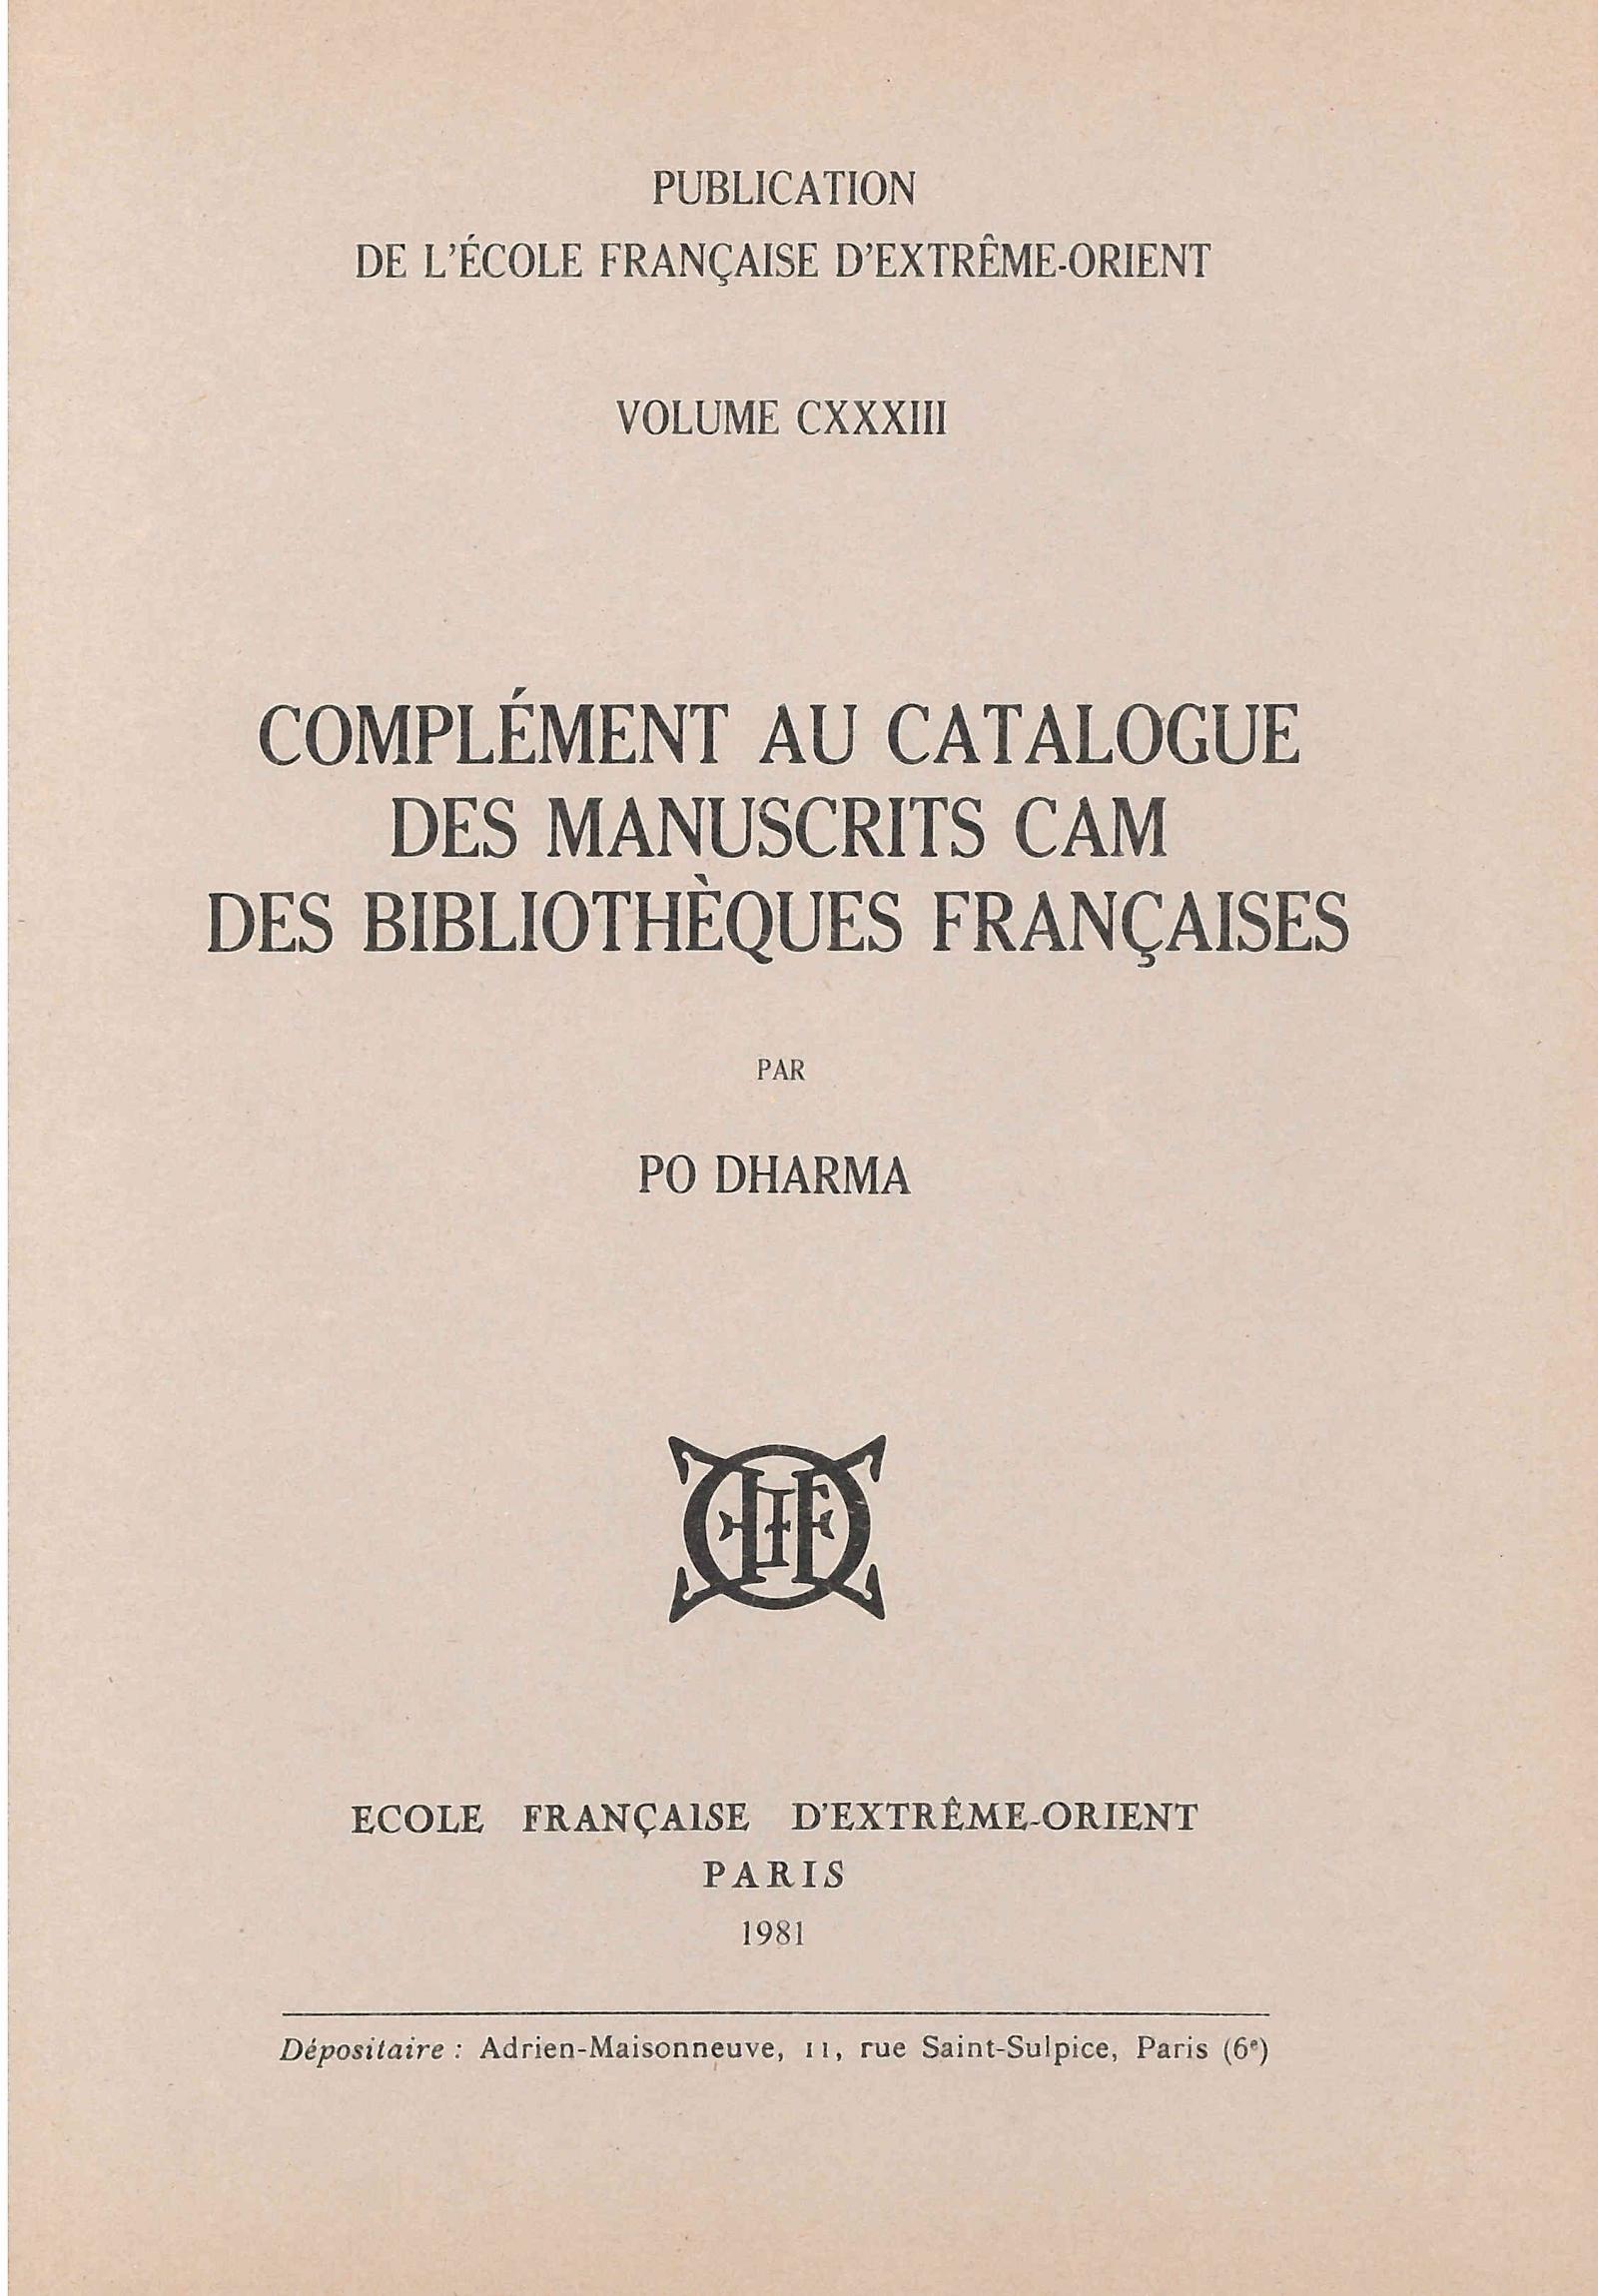 Complément au catalogue des manuscrits Cam des bibliothèques françaises